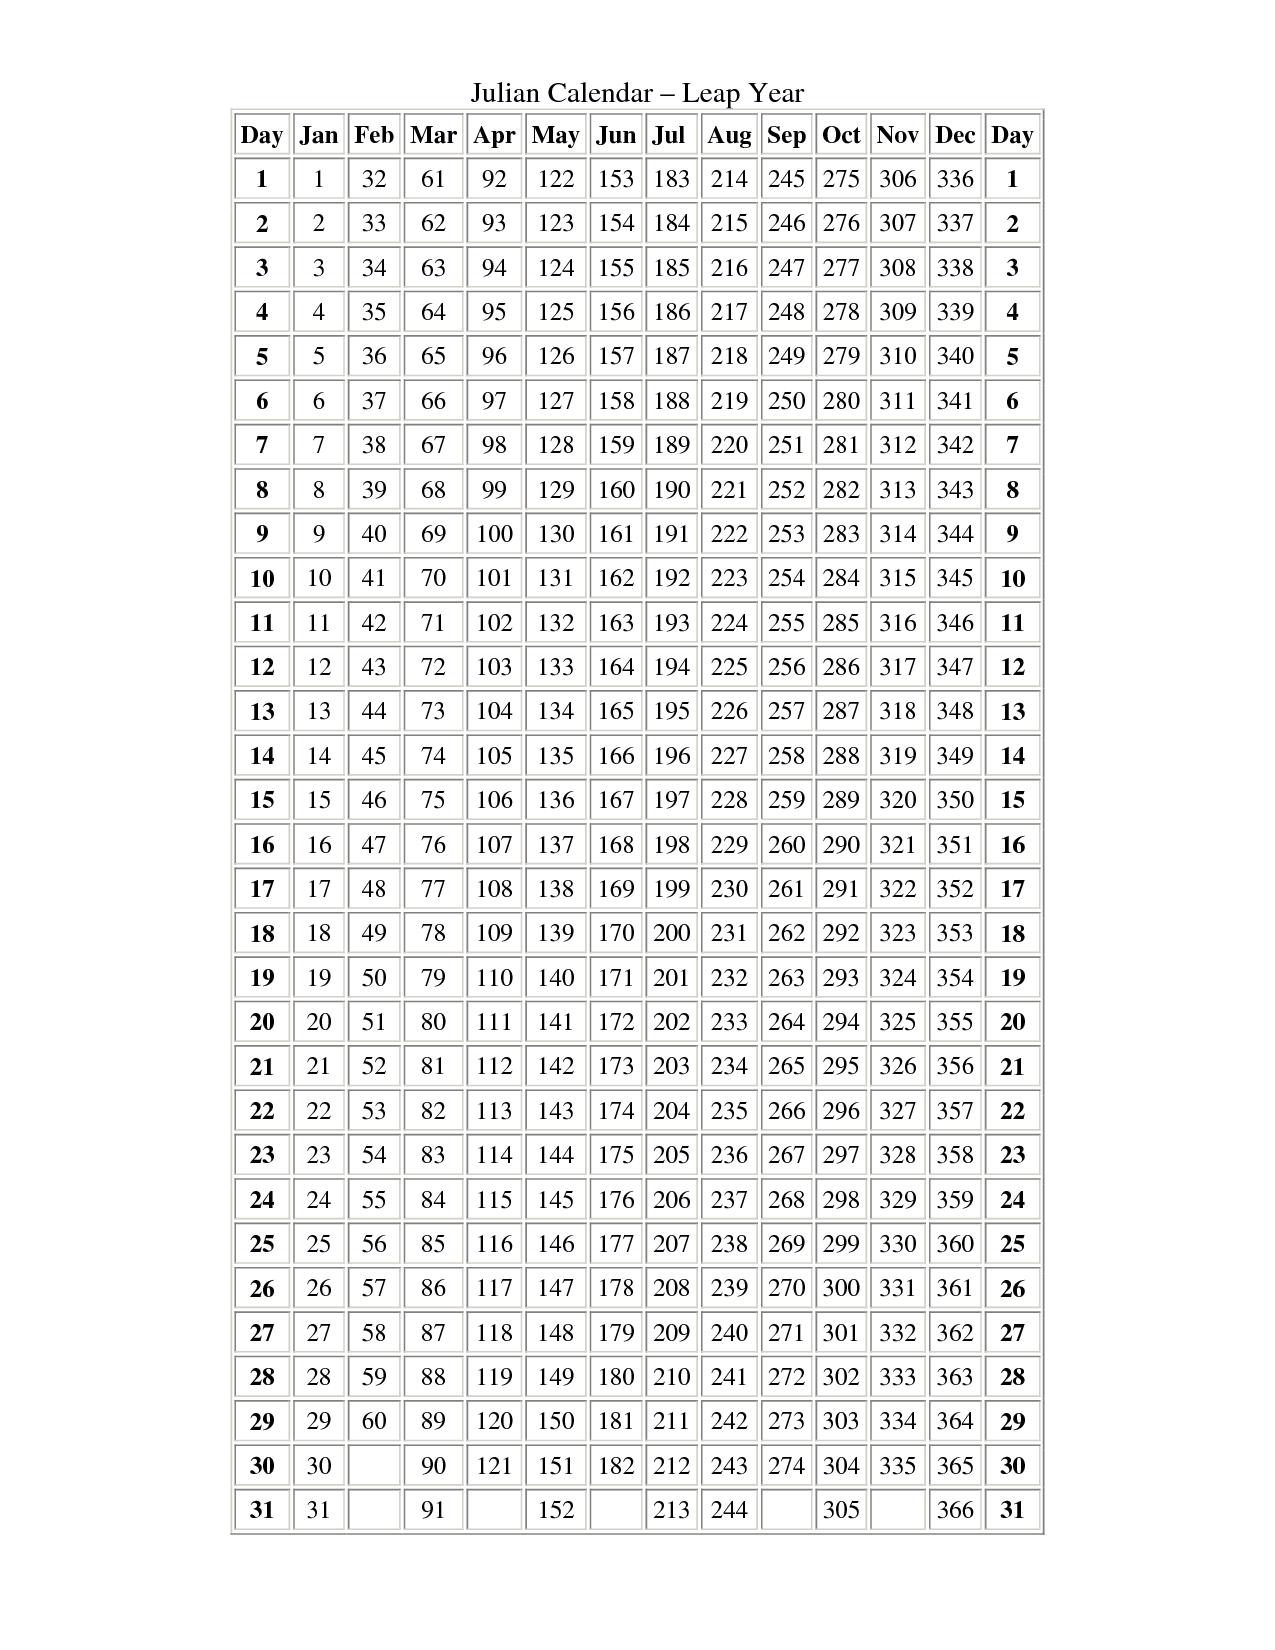 Julian Date Chart 2016 - Caska In Leap Year Julian  Julian Date Calendar 2021 Leap Year